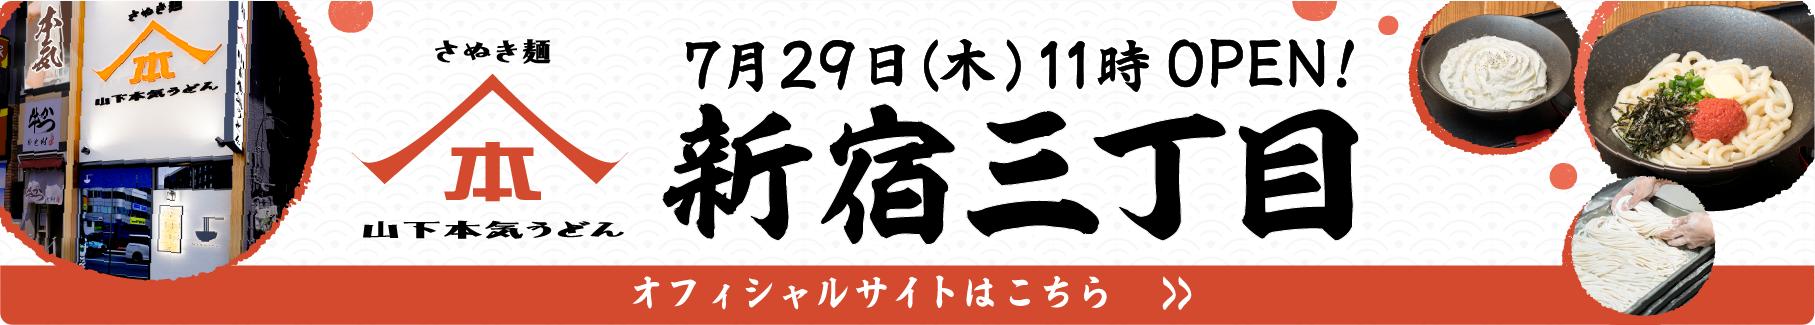 新店 山下本気うどん 新宿三丁目店 7月29日11時OPEN!